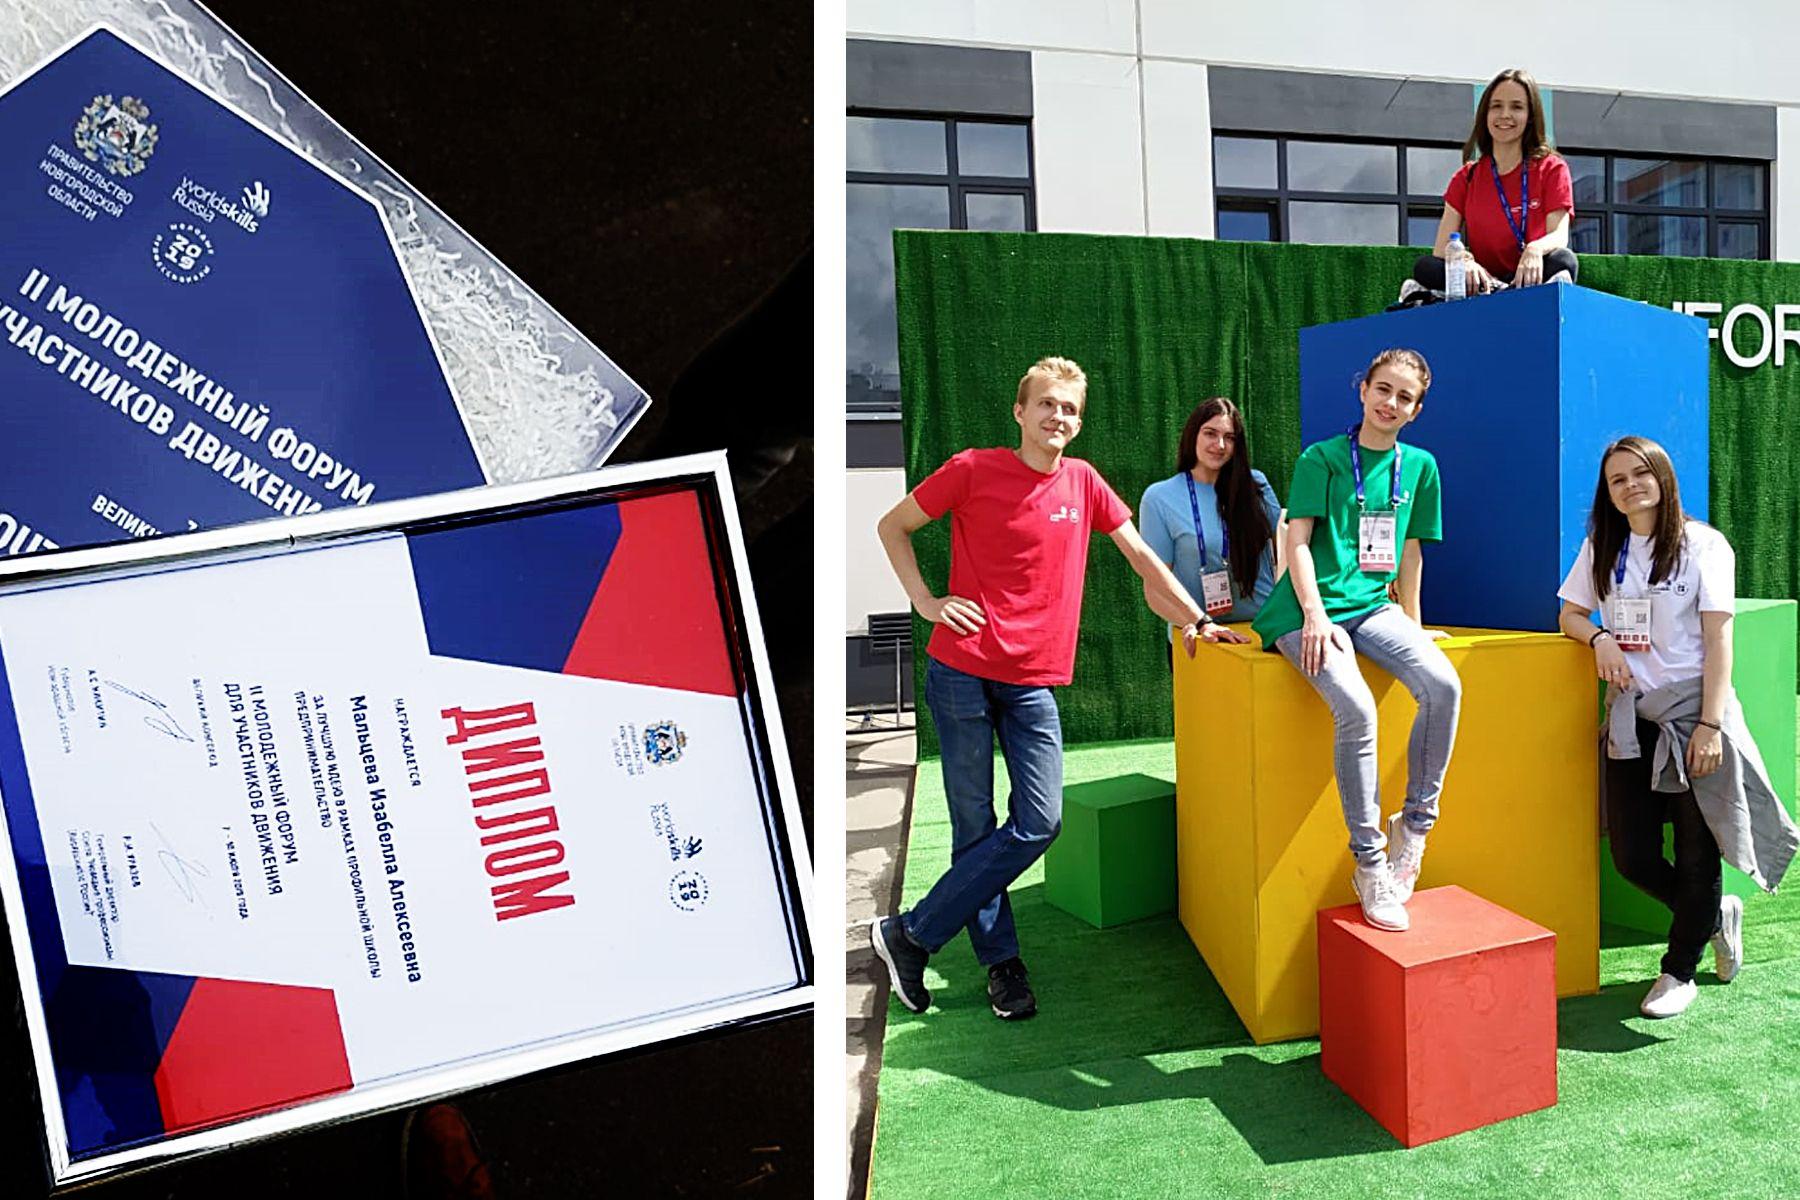 Бизнес-проект студентов ВГУЭС признан лучшим на школе предпринимательства в Великом Новгороде